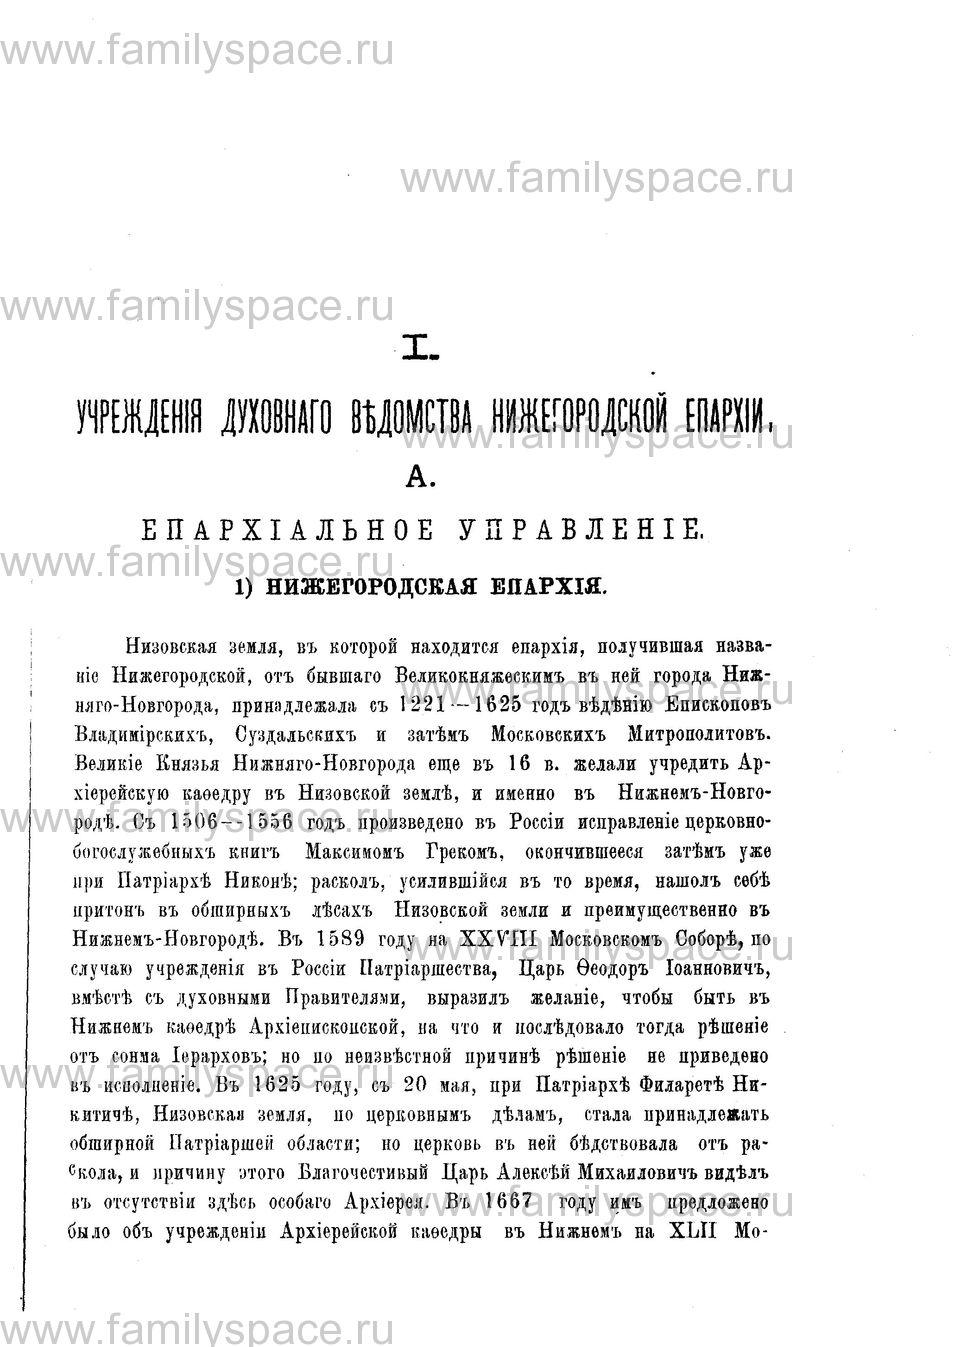 Поиск по фамилии - Адрес-календарь Нижегородской епархии на 1888 год, страница 1125